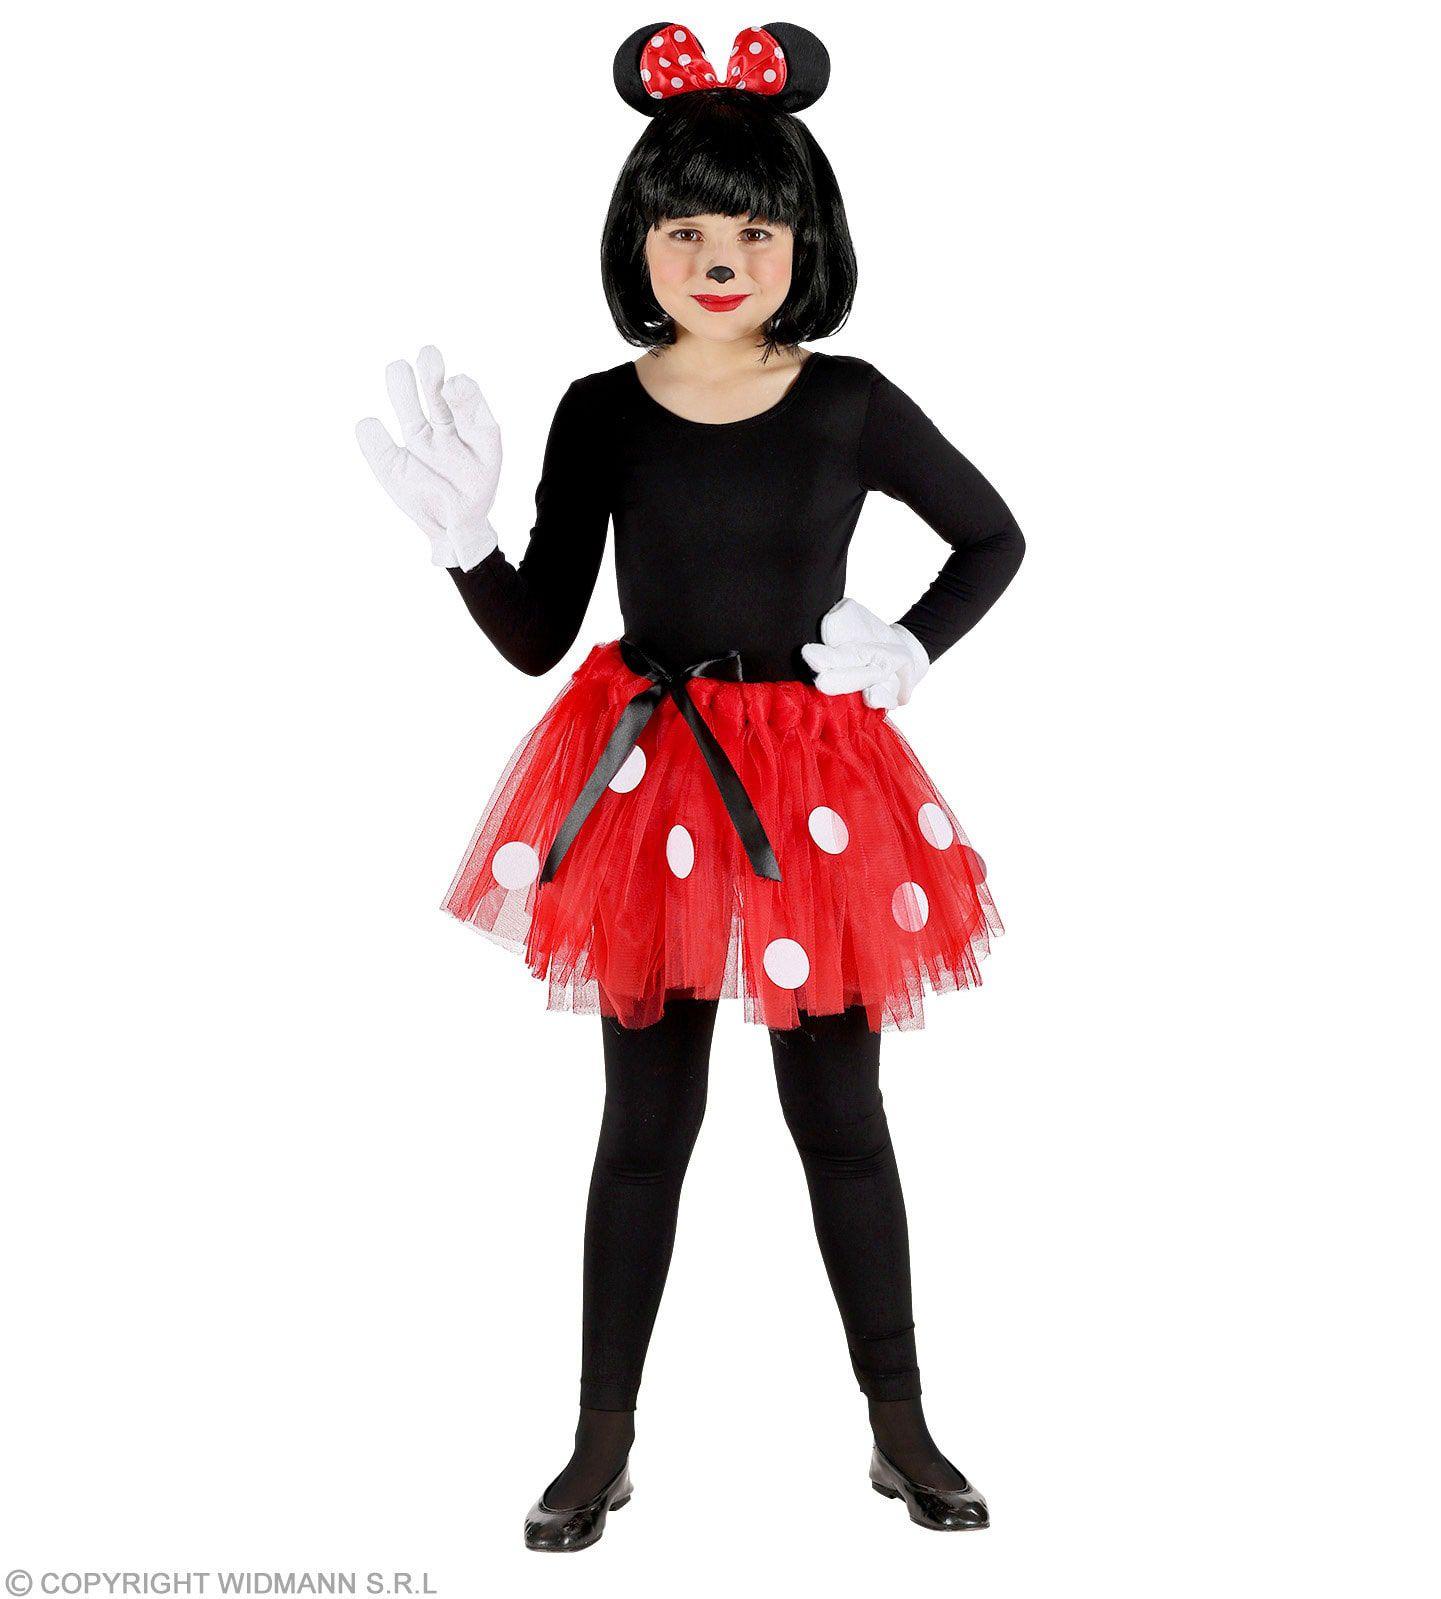 Minnie De Vriendin Van Mickey Muis Meisje